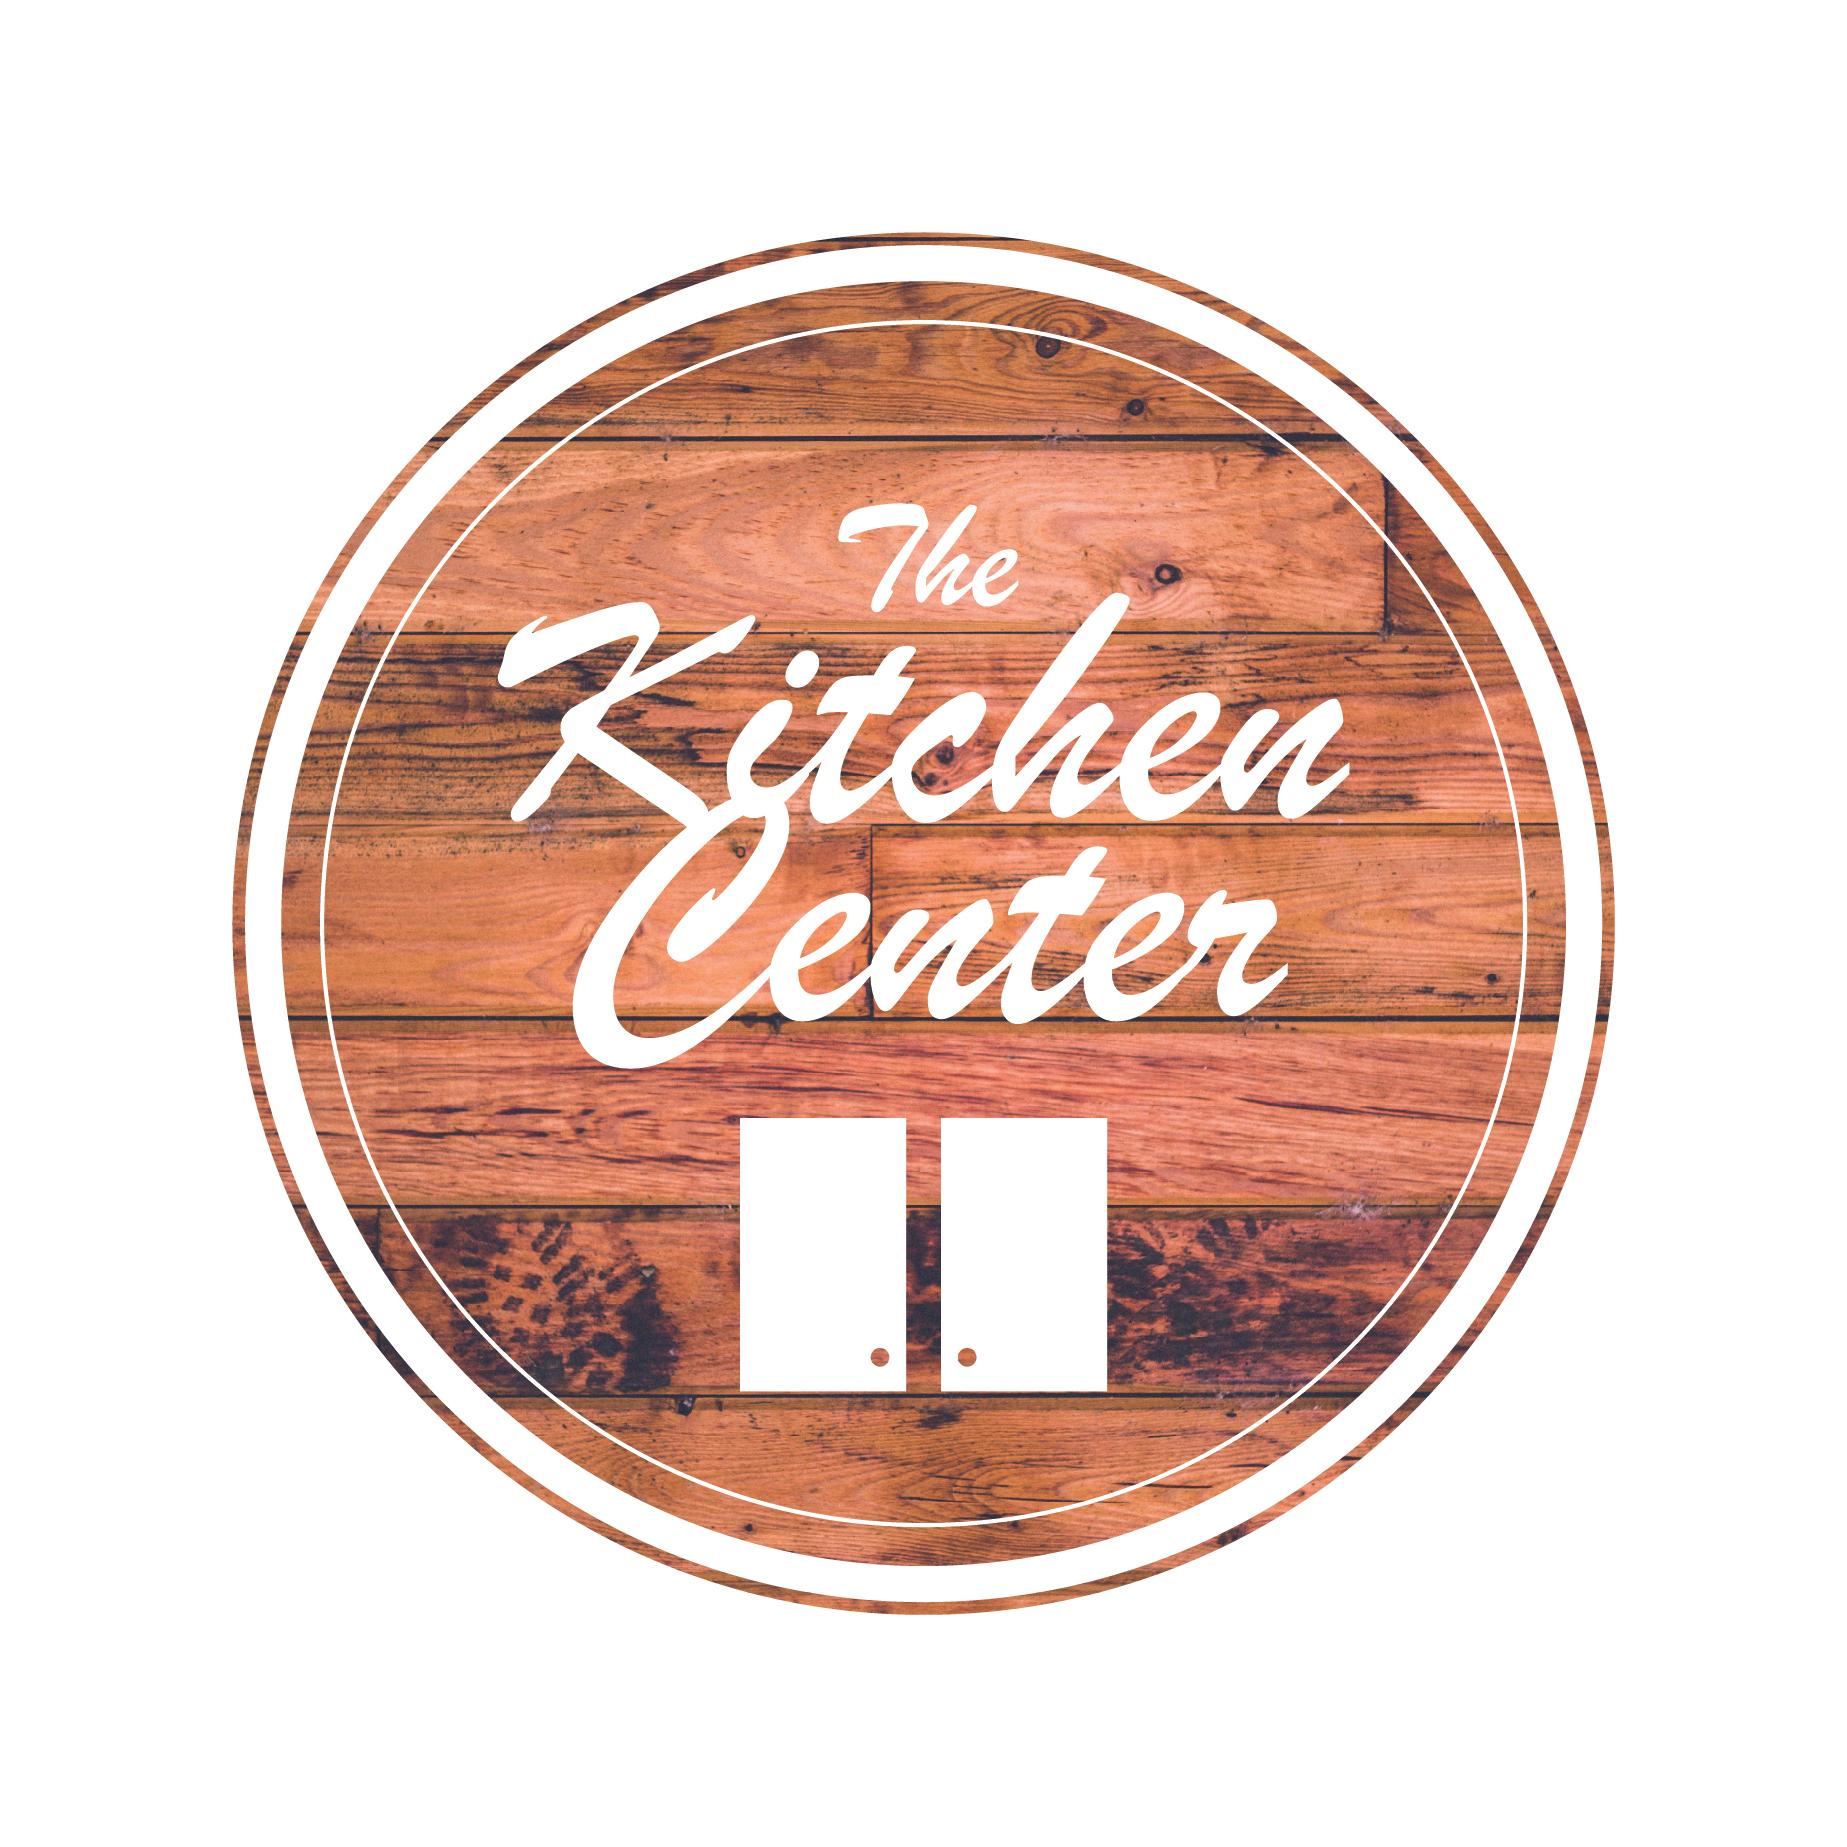 KitchenCenter2-02.jpg